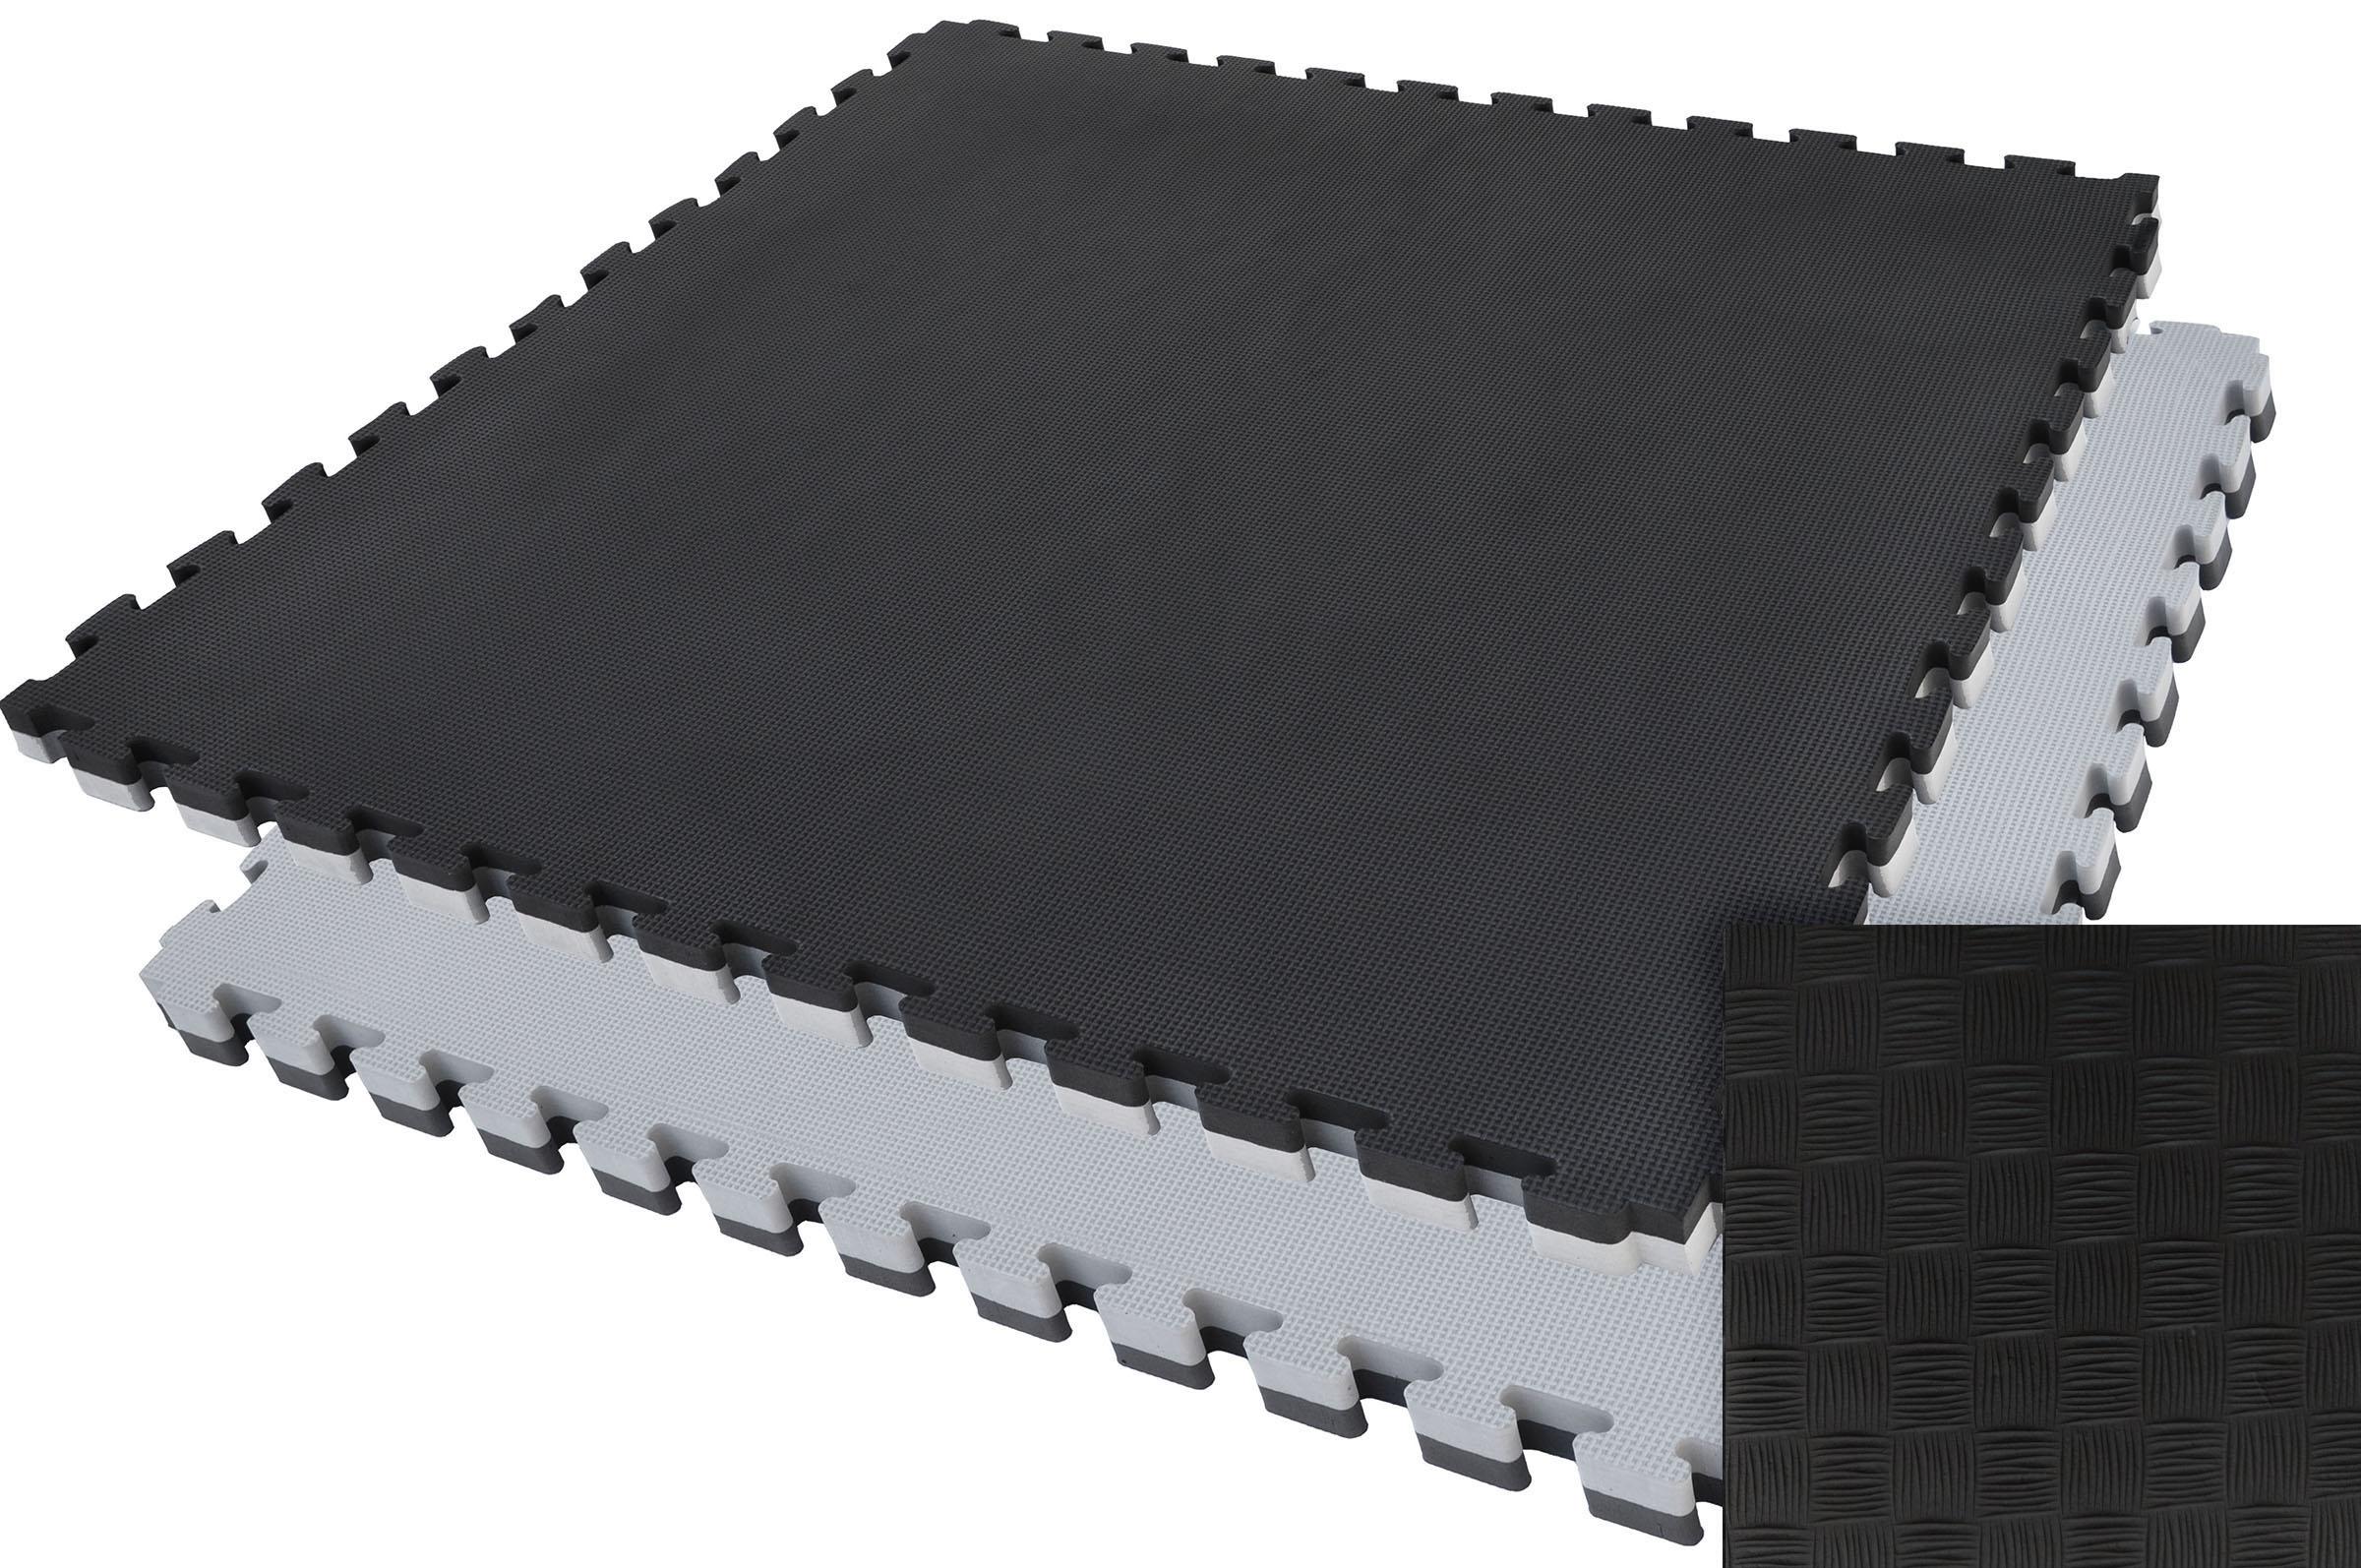 Tatamis puzzle Noir et Gris 2.5 cm finition paille de riz